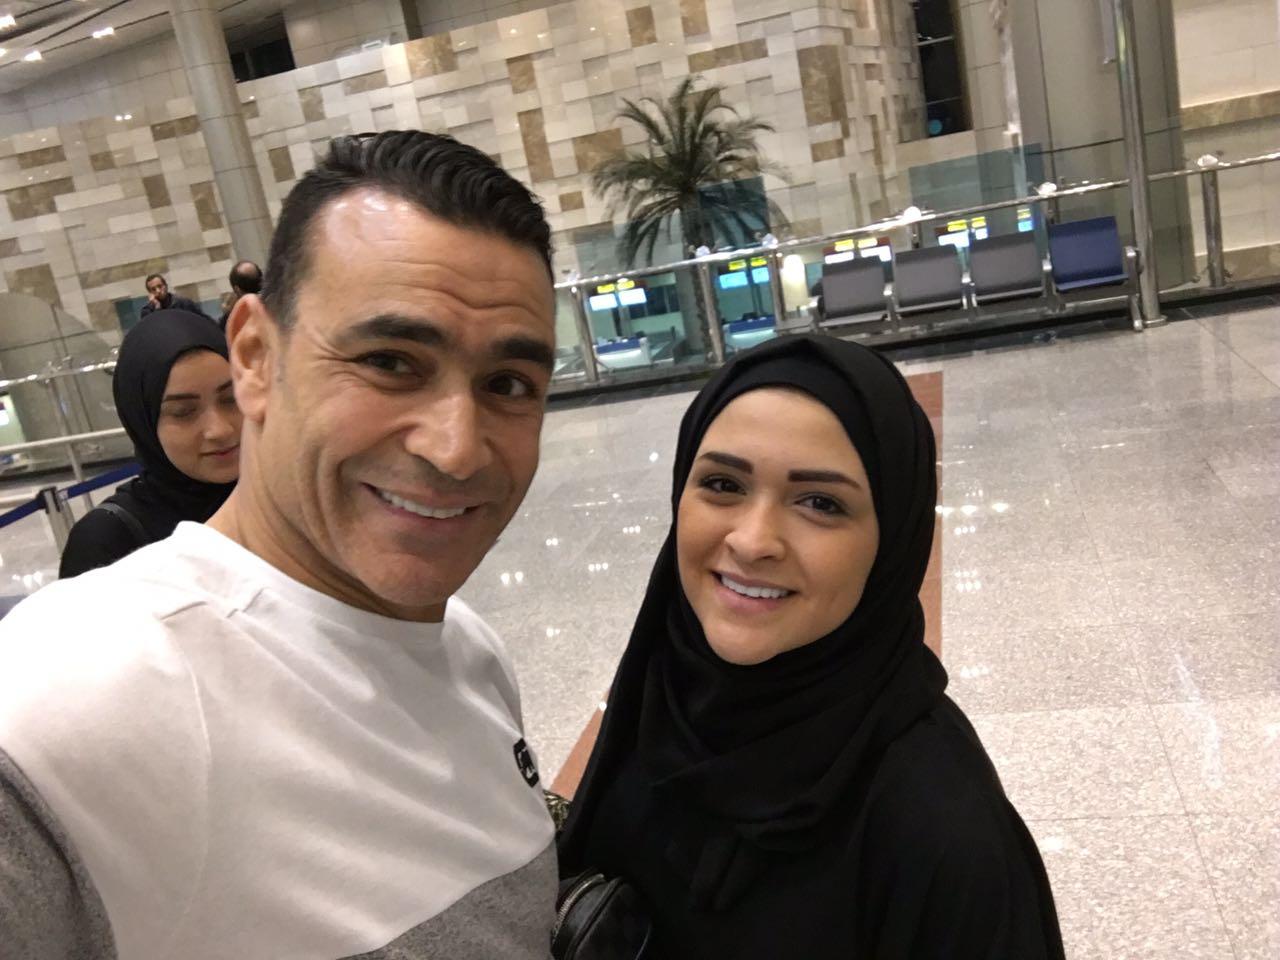 الحضرى مع اسرته فى المطار  (5)